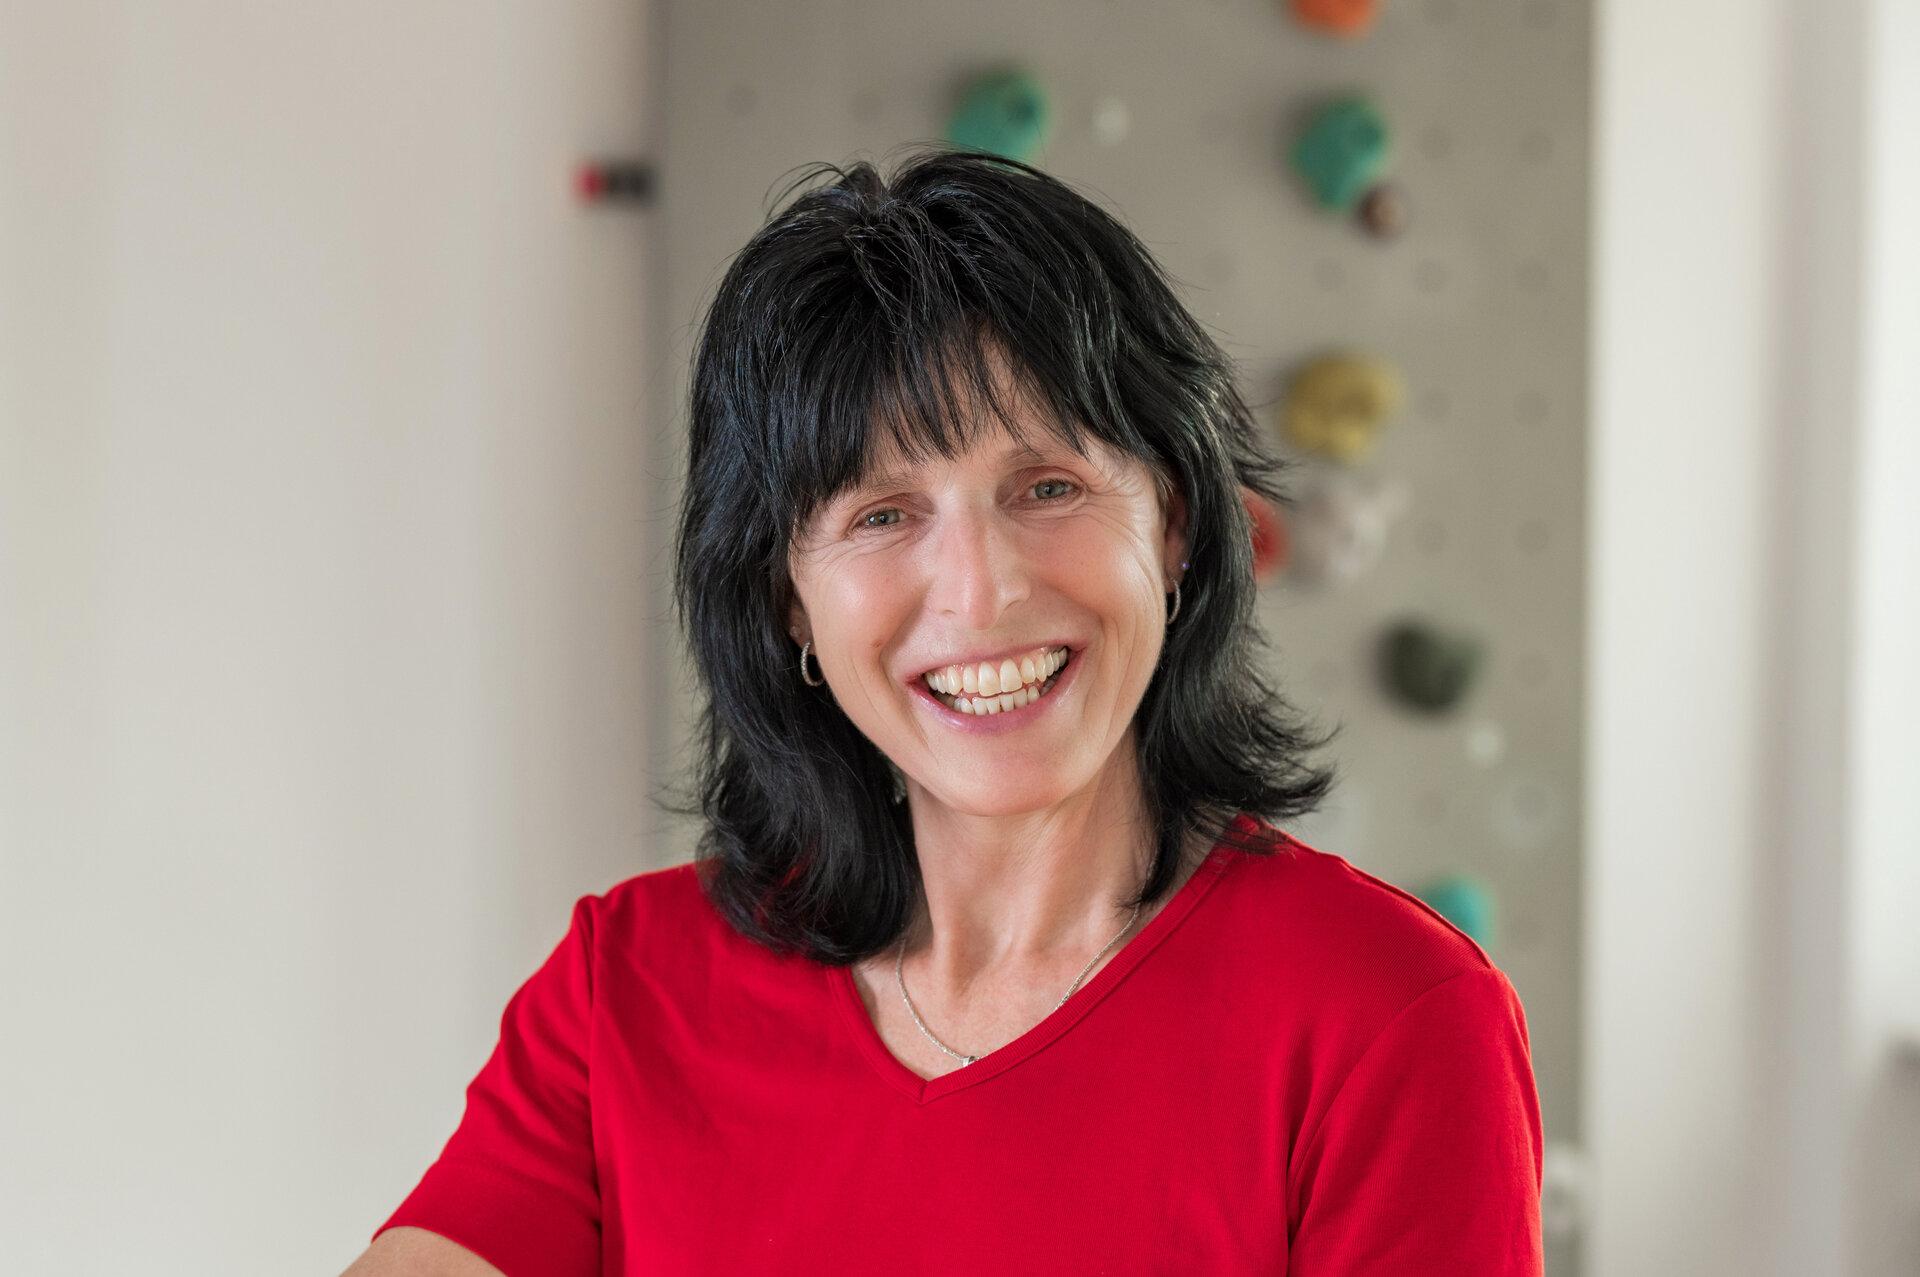 Angela Michelberger